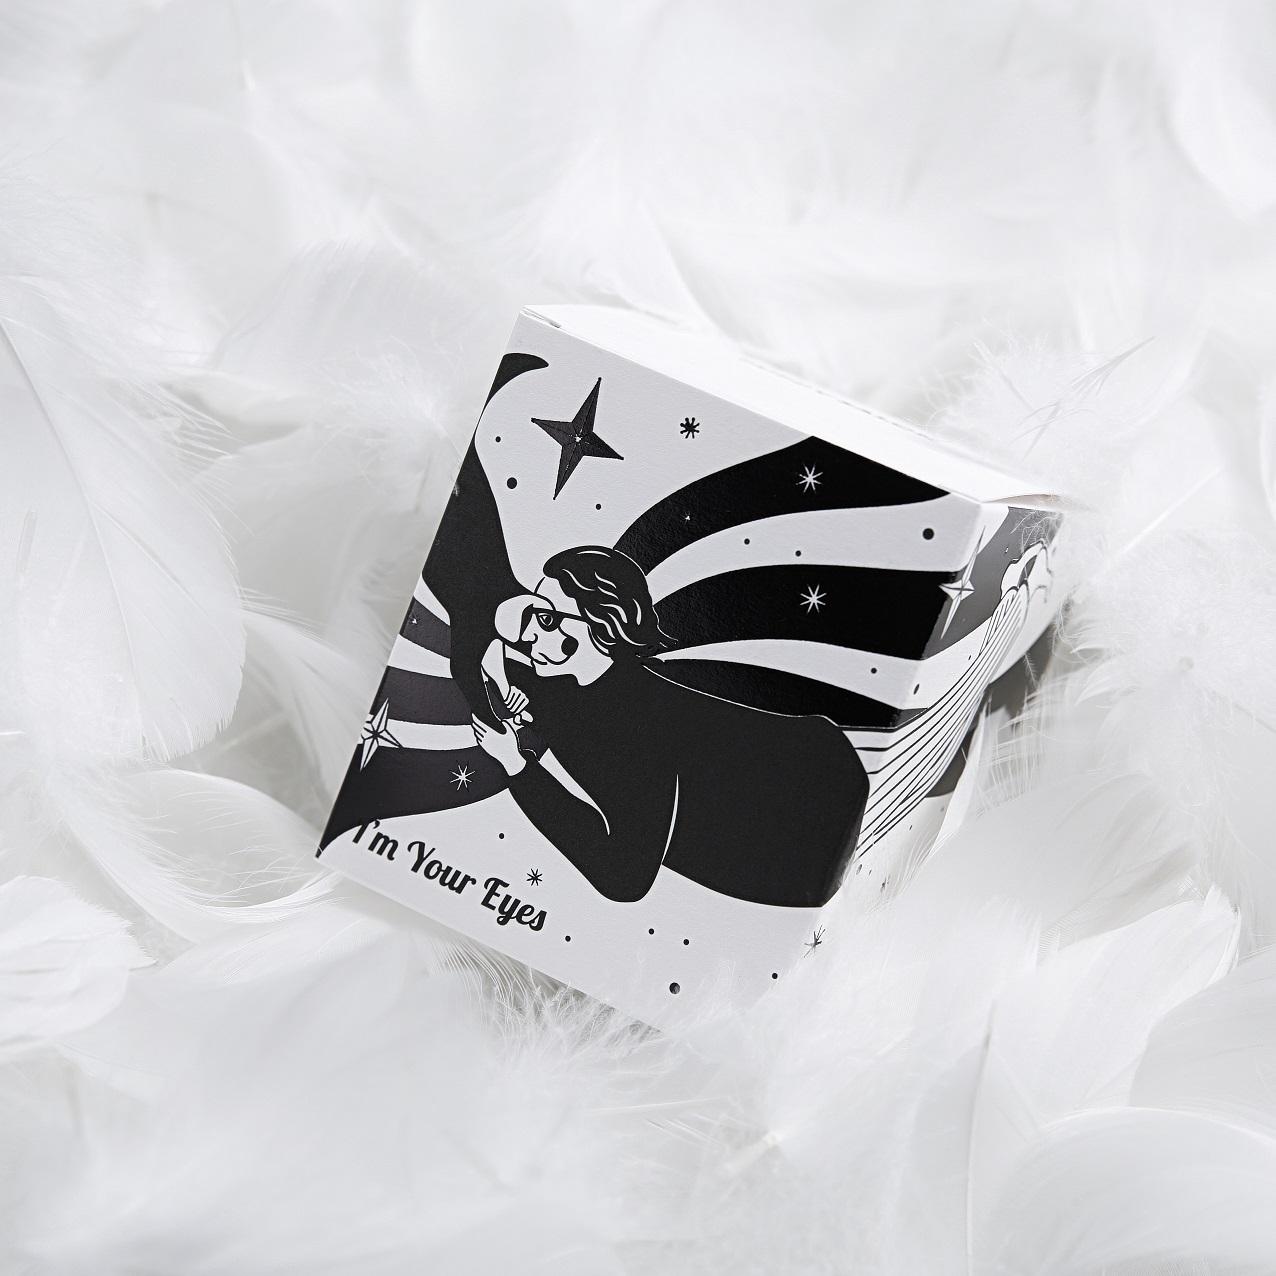 黑白艺术经典款 I AM YOUR EYES 系列香氛蜡烛